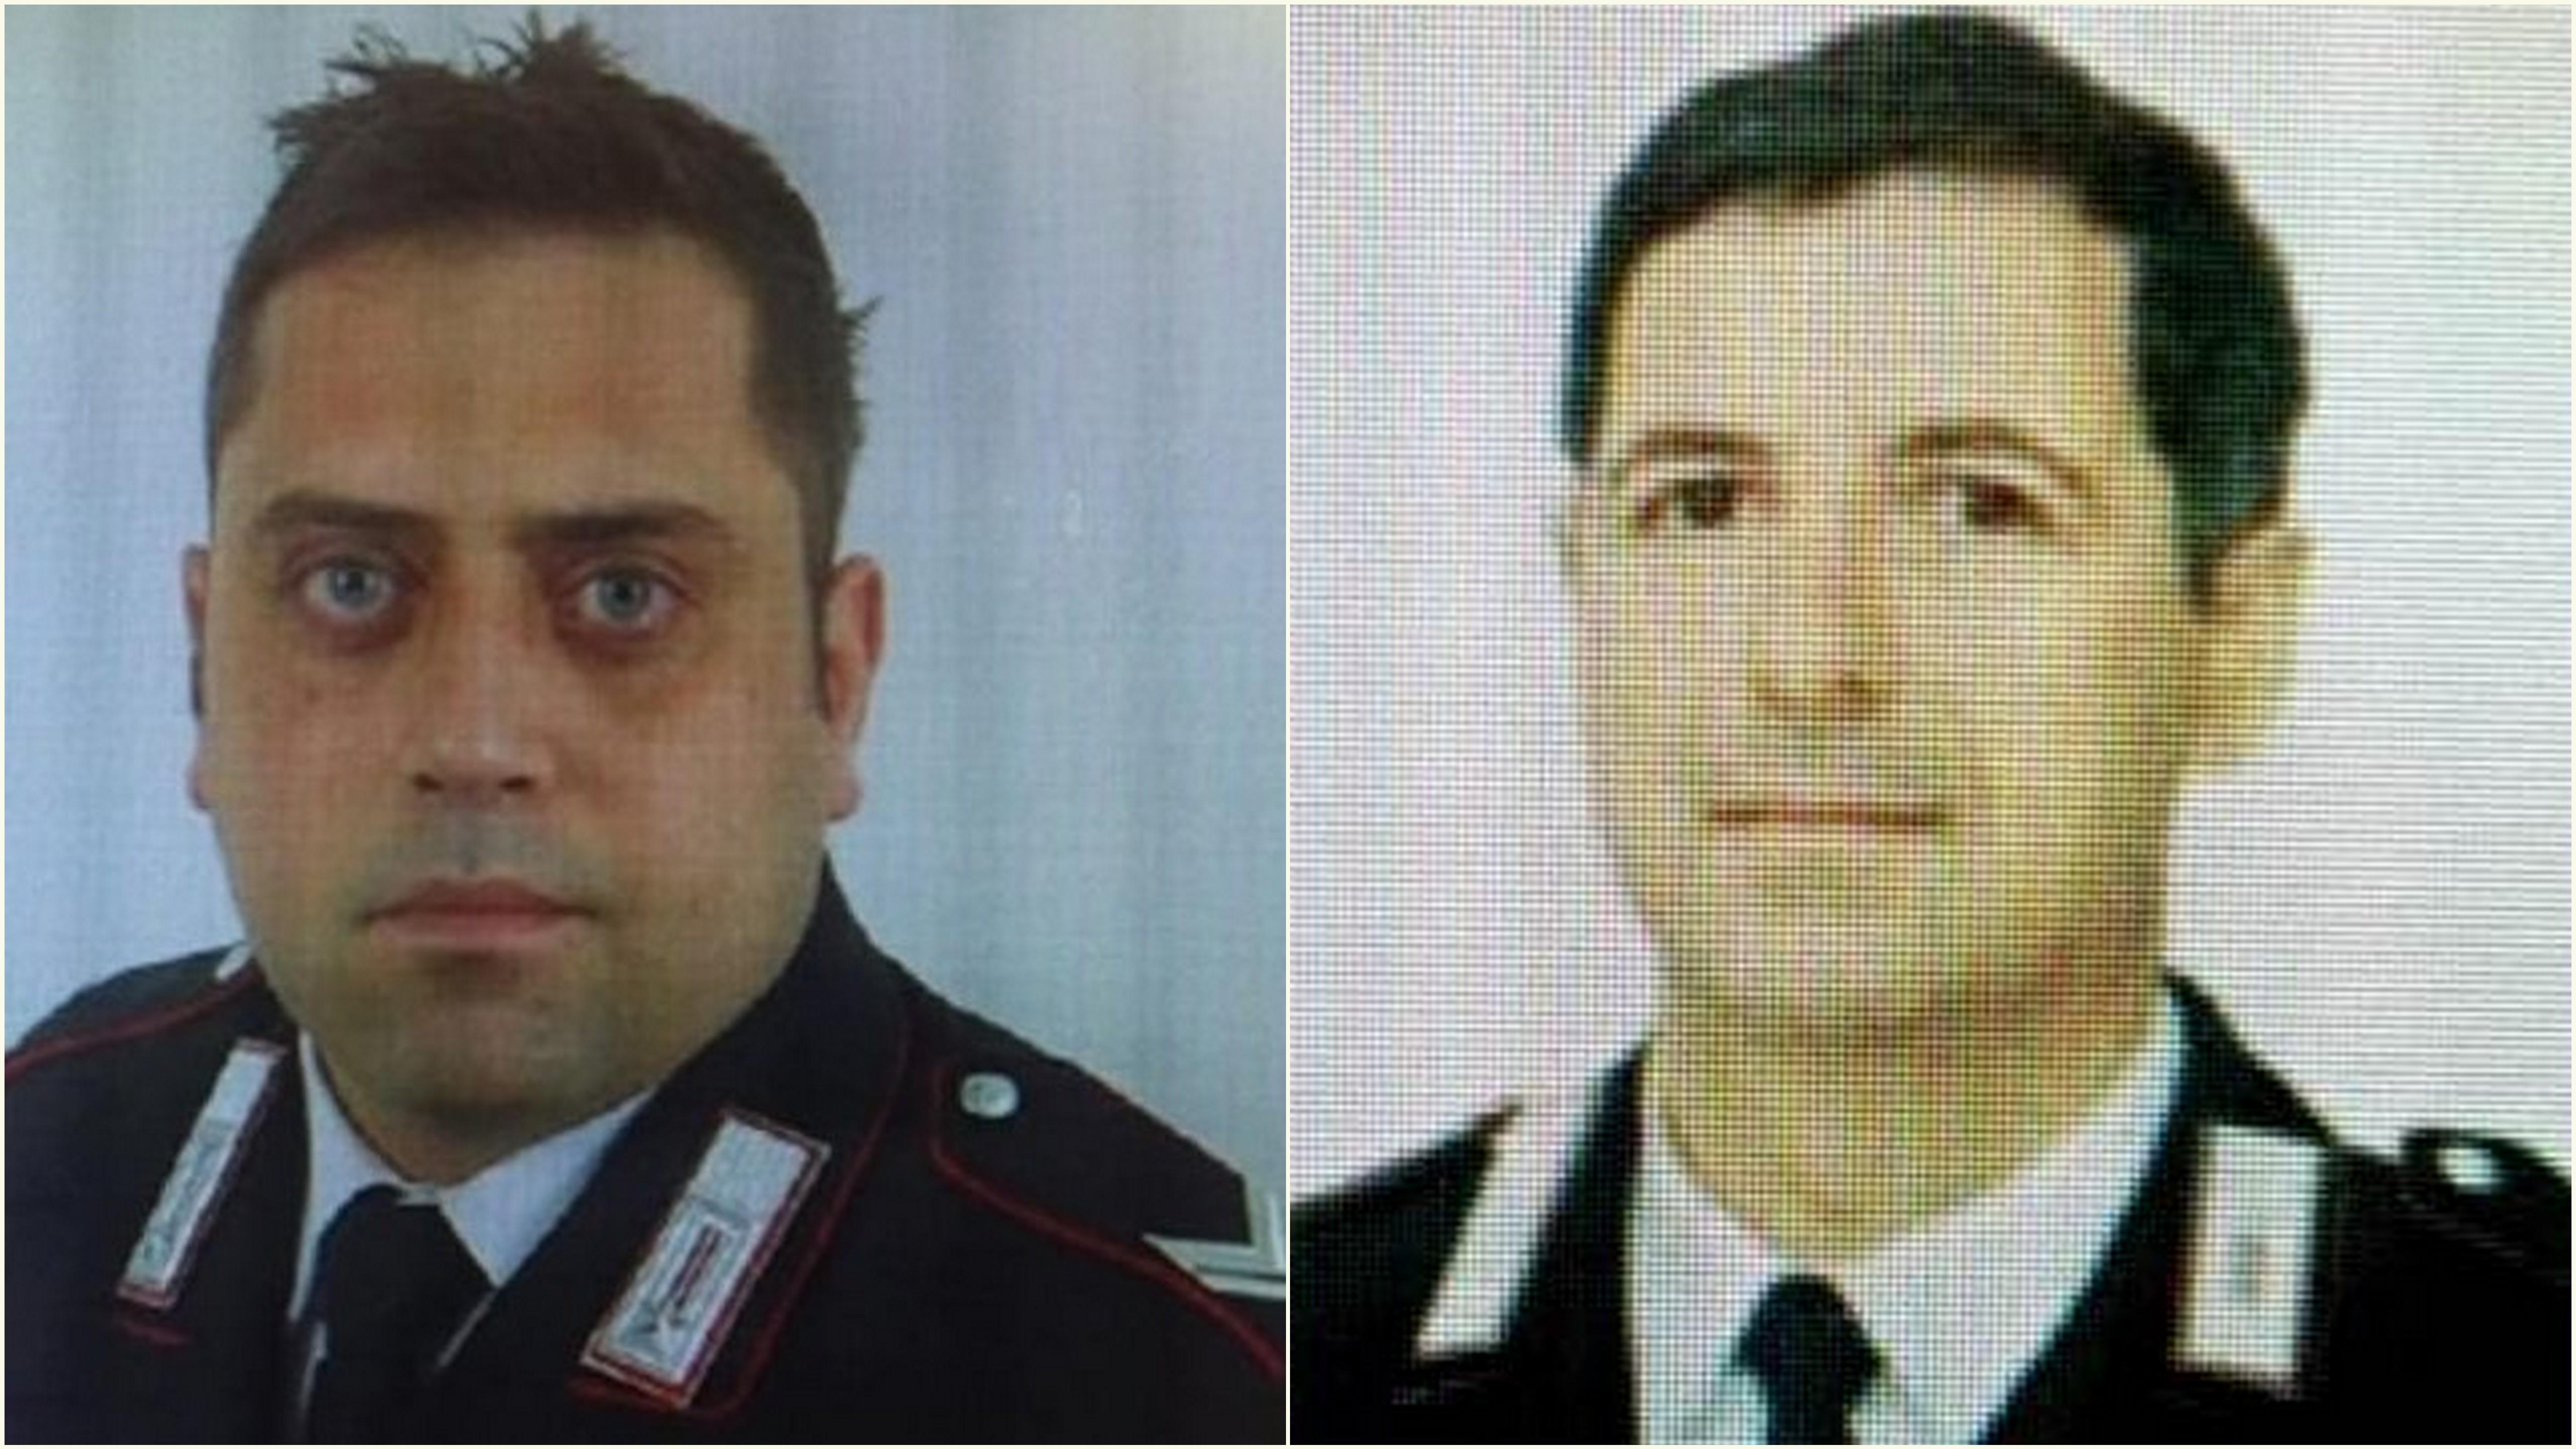 Mario Cerciello Rega e Silvio Mirarchi, quando la ricerca della verità è la vera giustizia